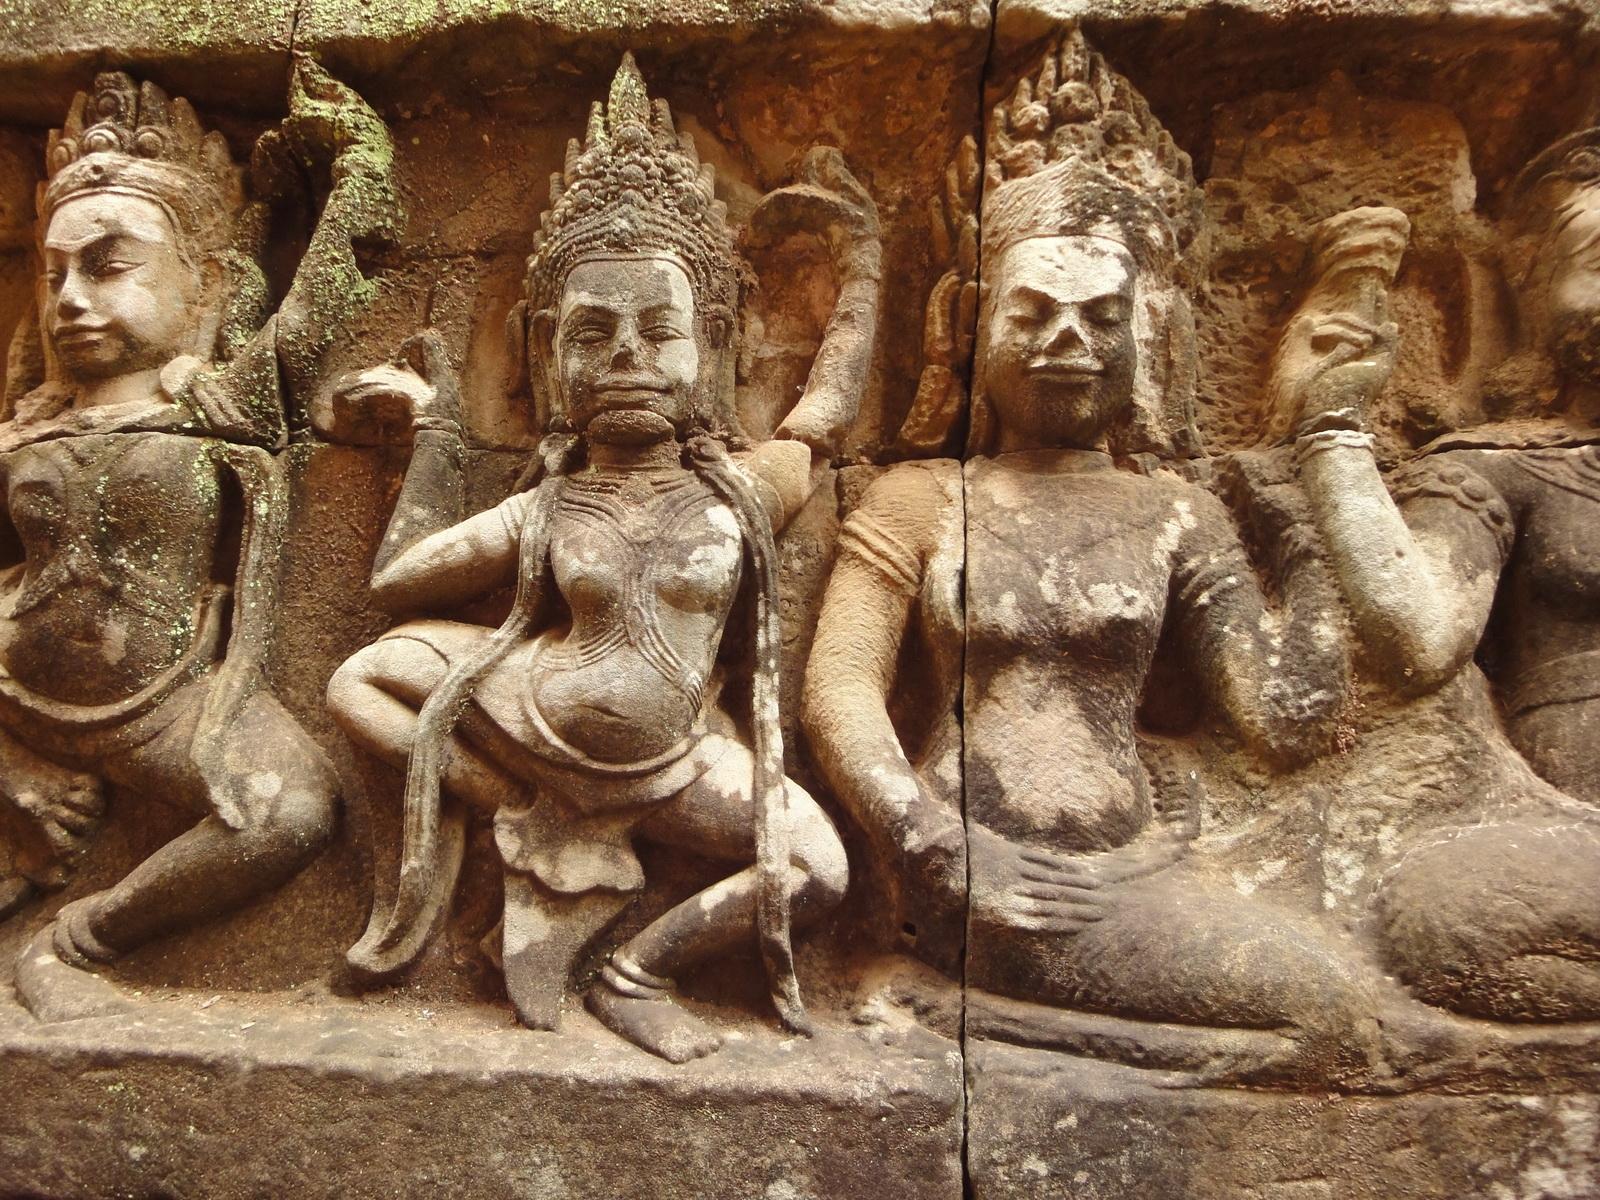 Leper King Terrace hidden wall underworld Nagas and deities 023